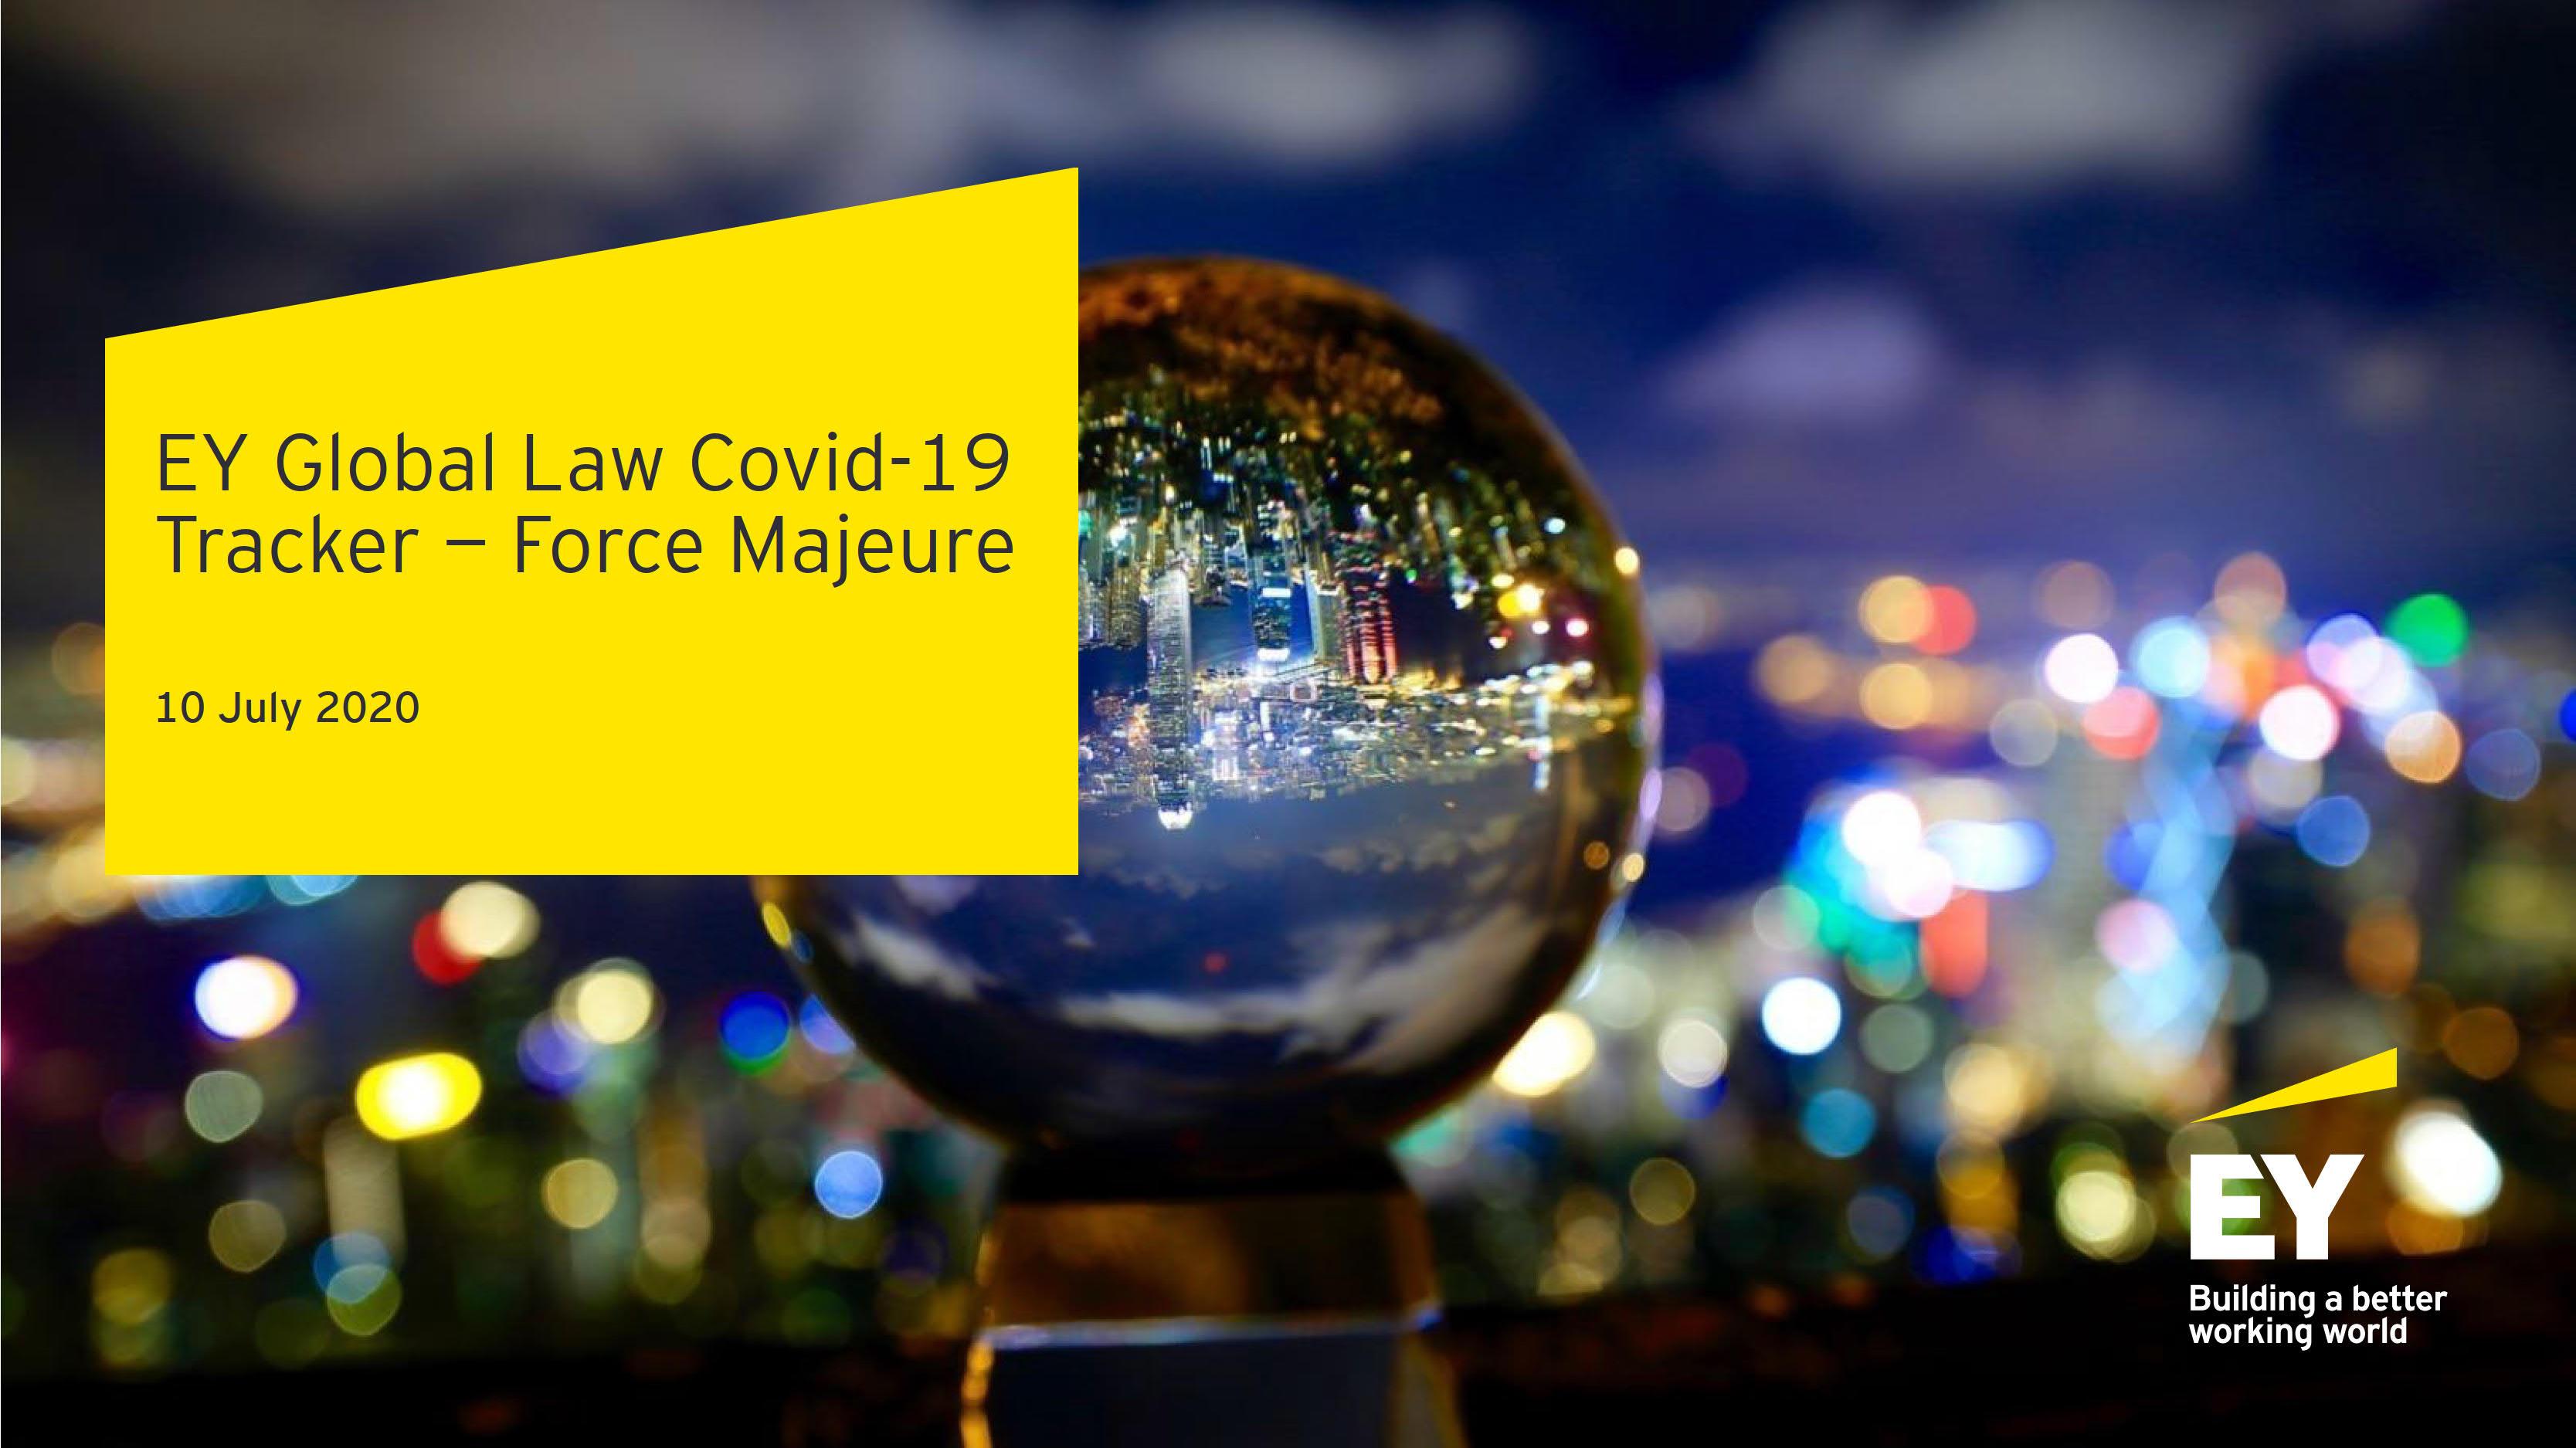 安永全球Covid-19法律追踪 – 不可抗力, 2020年7月10日